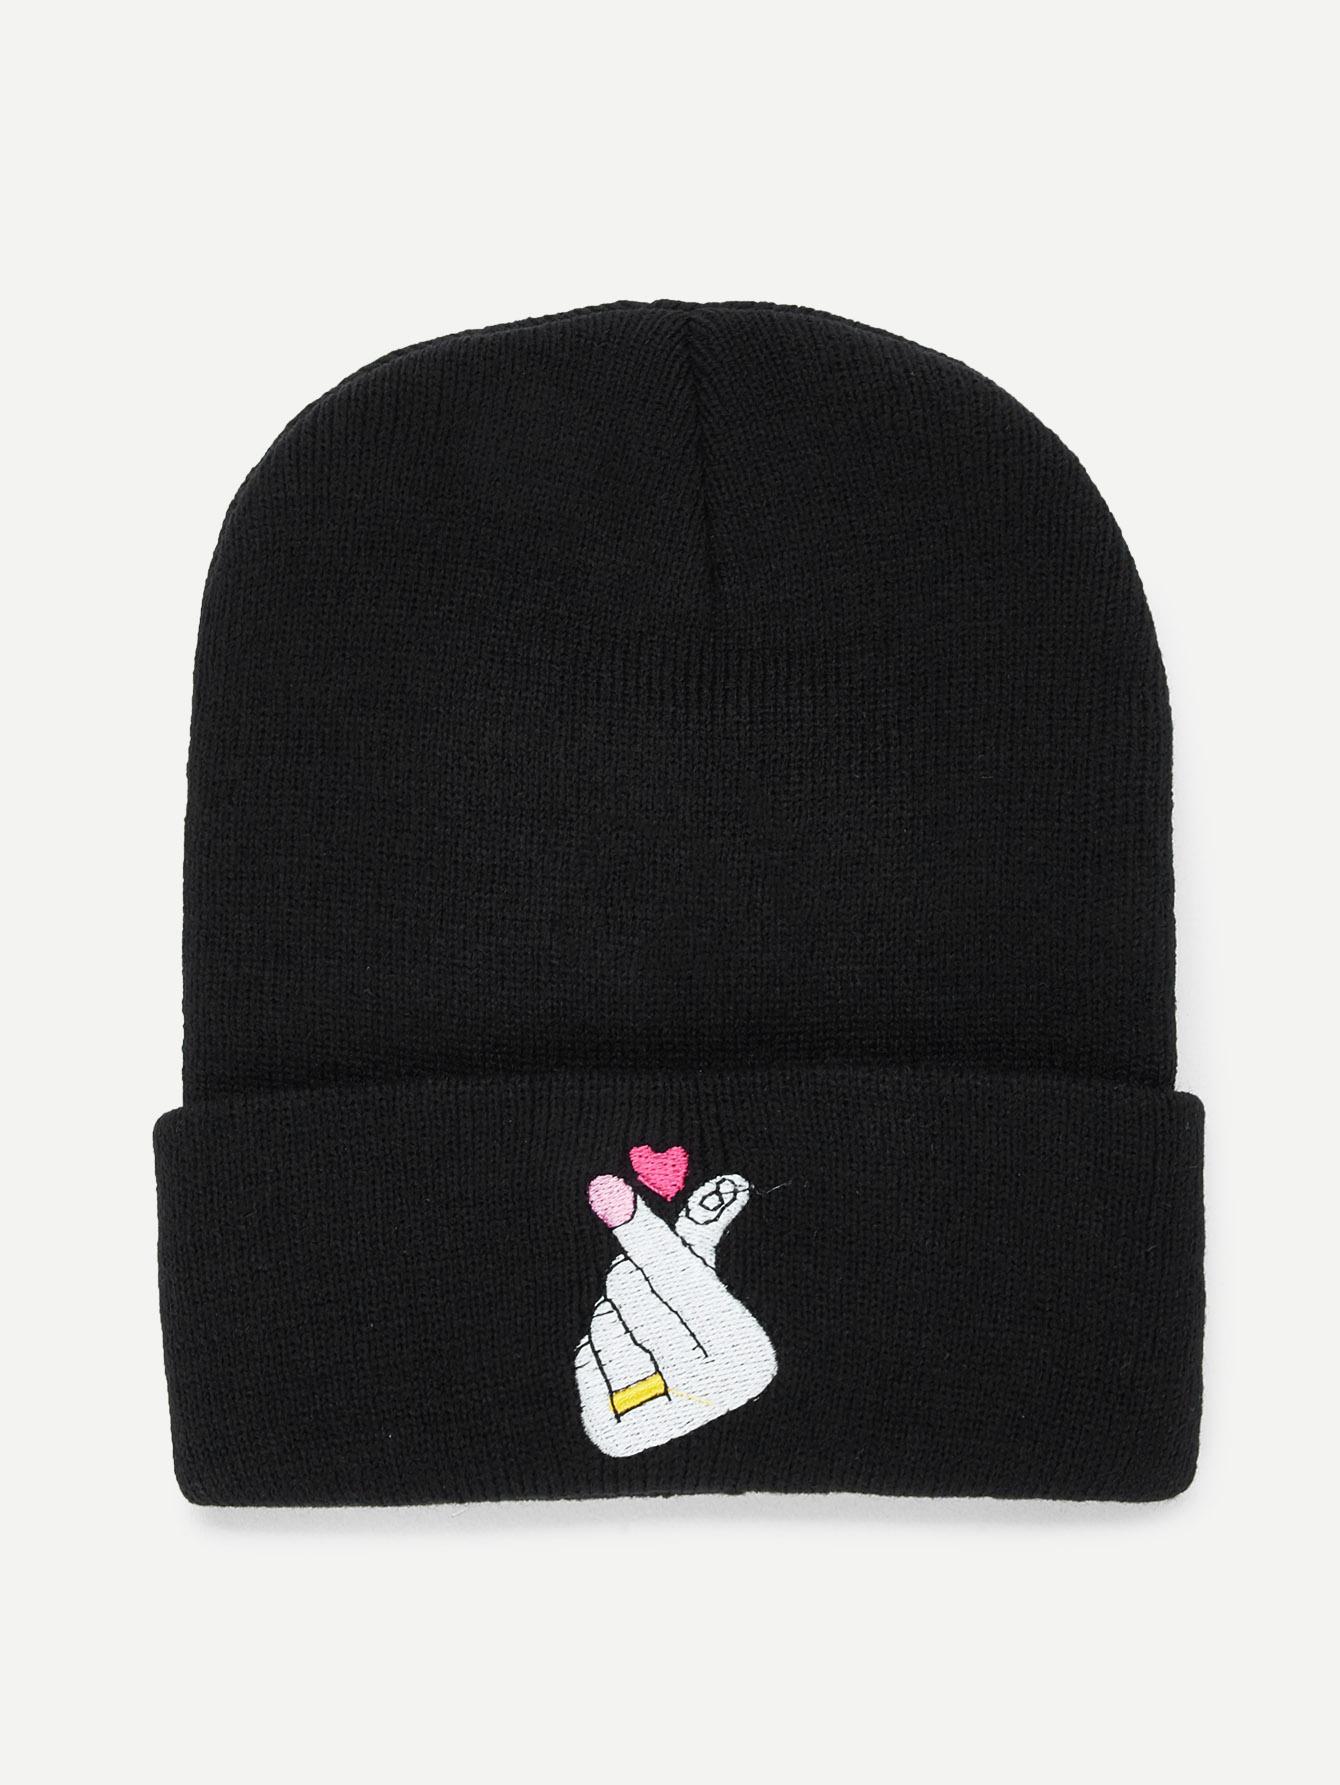 Купить Beanie Шляпа и с рисунками сердей вышивки, null, SheIn